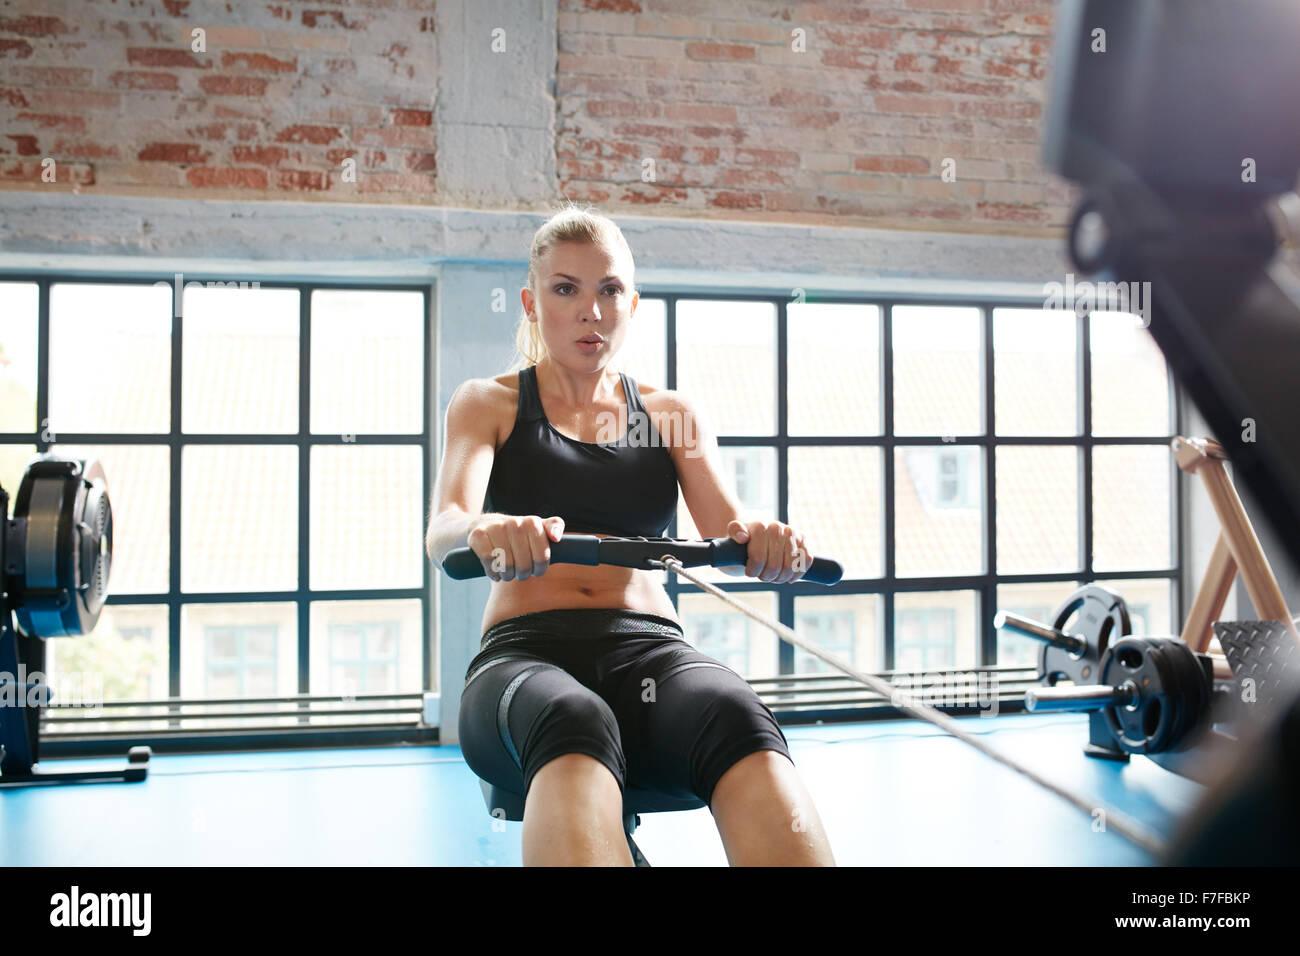 Kaukasische weiblich mit Rudergerät in der Turnhalle. Junge Frau Cardio-Training im Fitness-Club zu tun. Stockbild